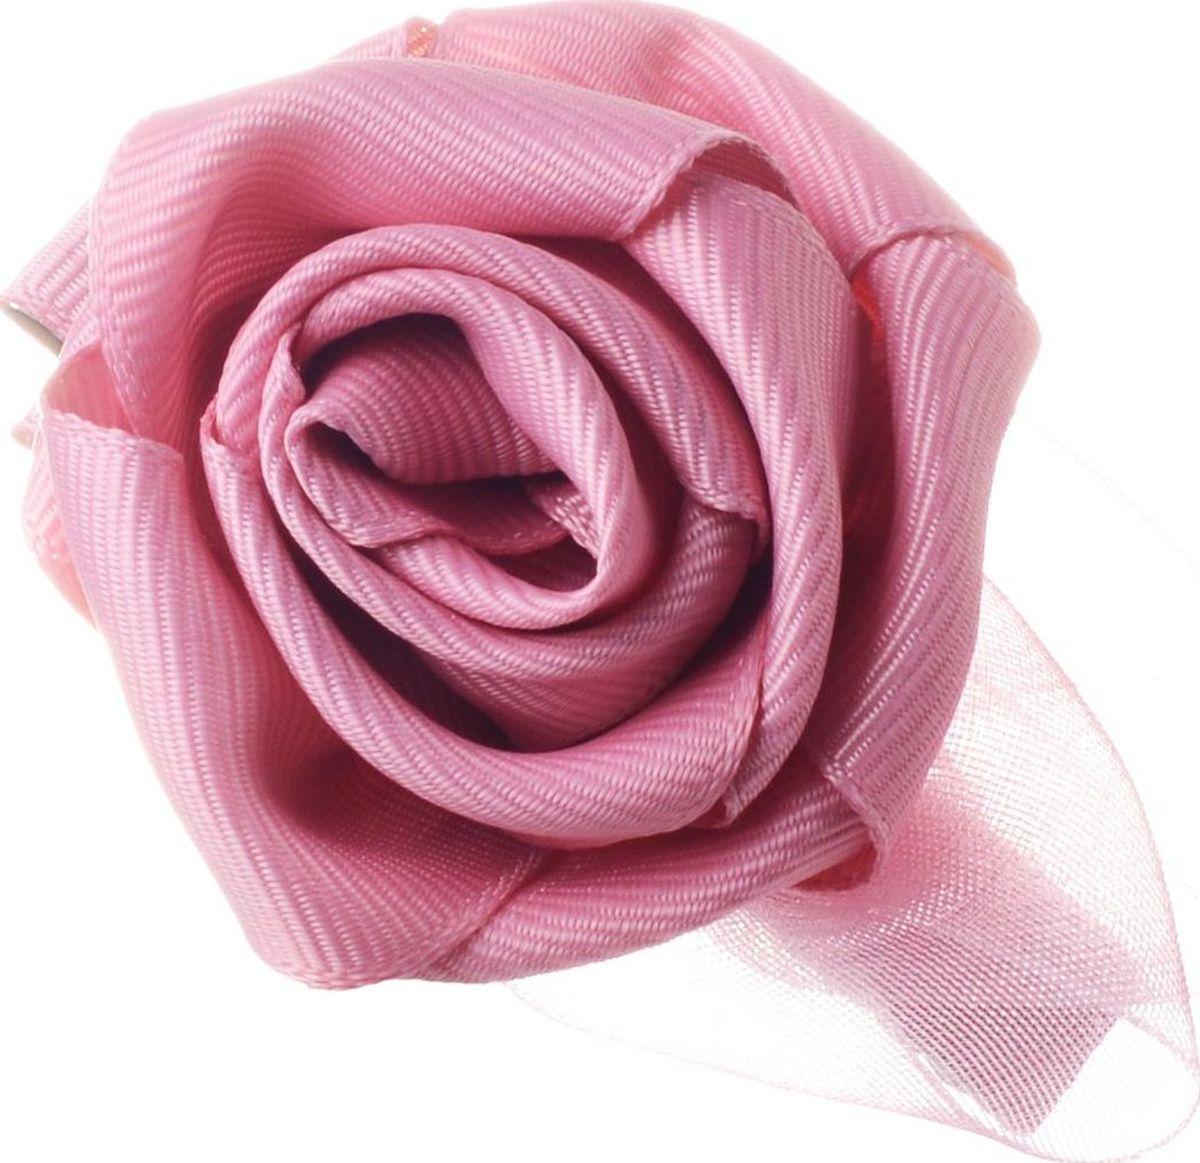 Заколка для волос Malina By Андерсен Либерти, цвет: розовый. 31705тб1331705тб13Заколка для волос поможет подчеркнуть вашу индивидуальность и стиль. С помощью заколки вы сможете уложить волосы в элегантную прическу.